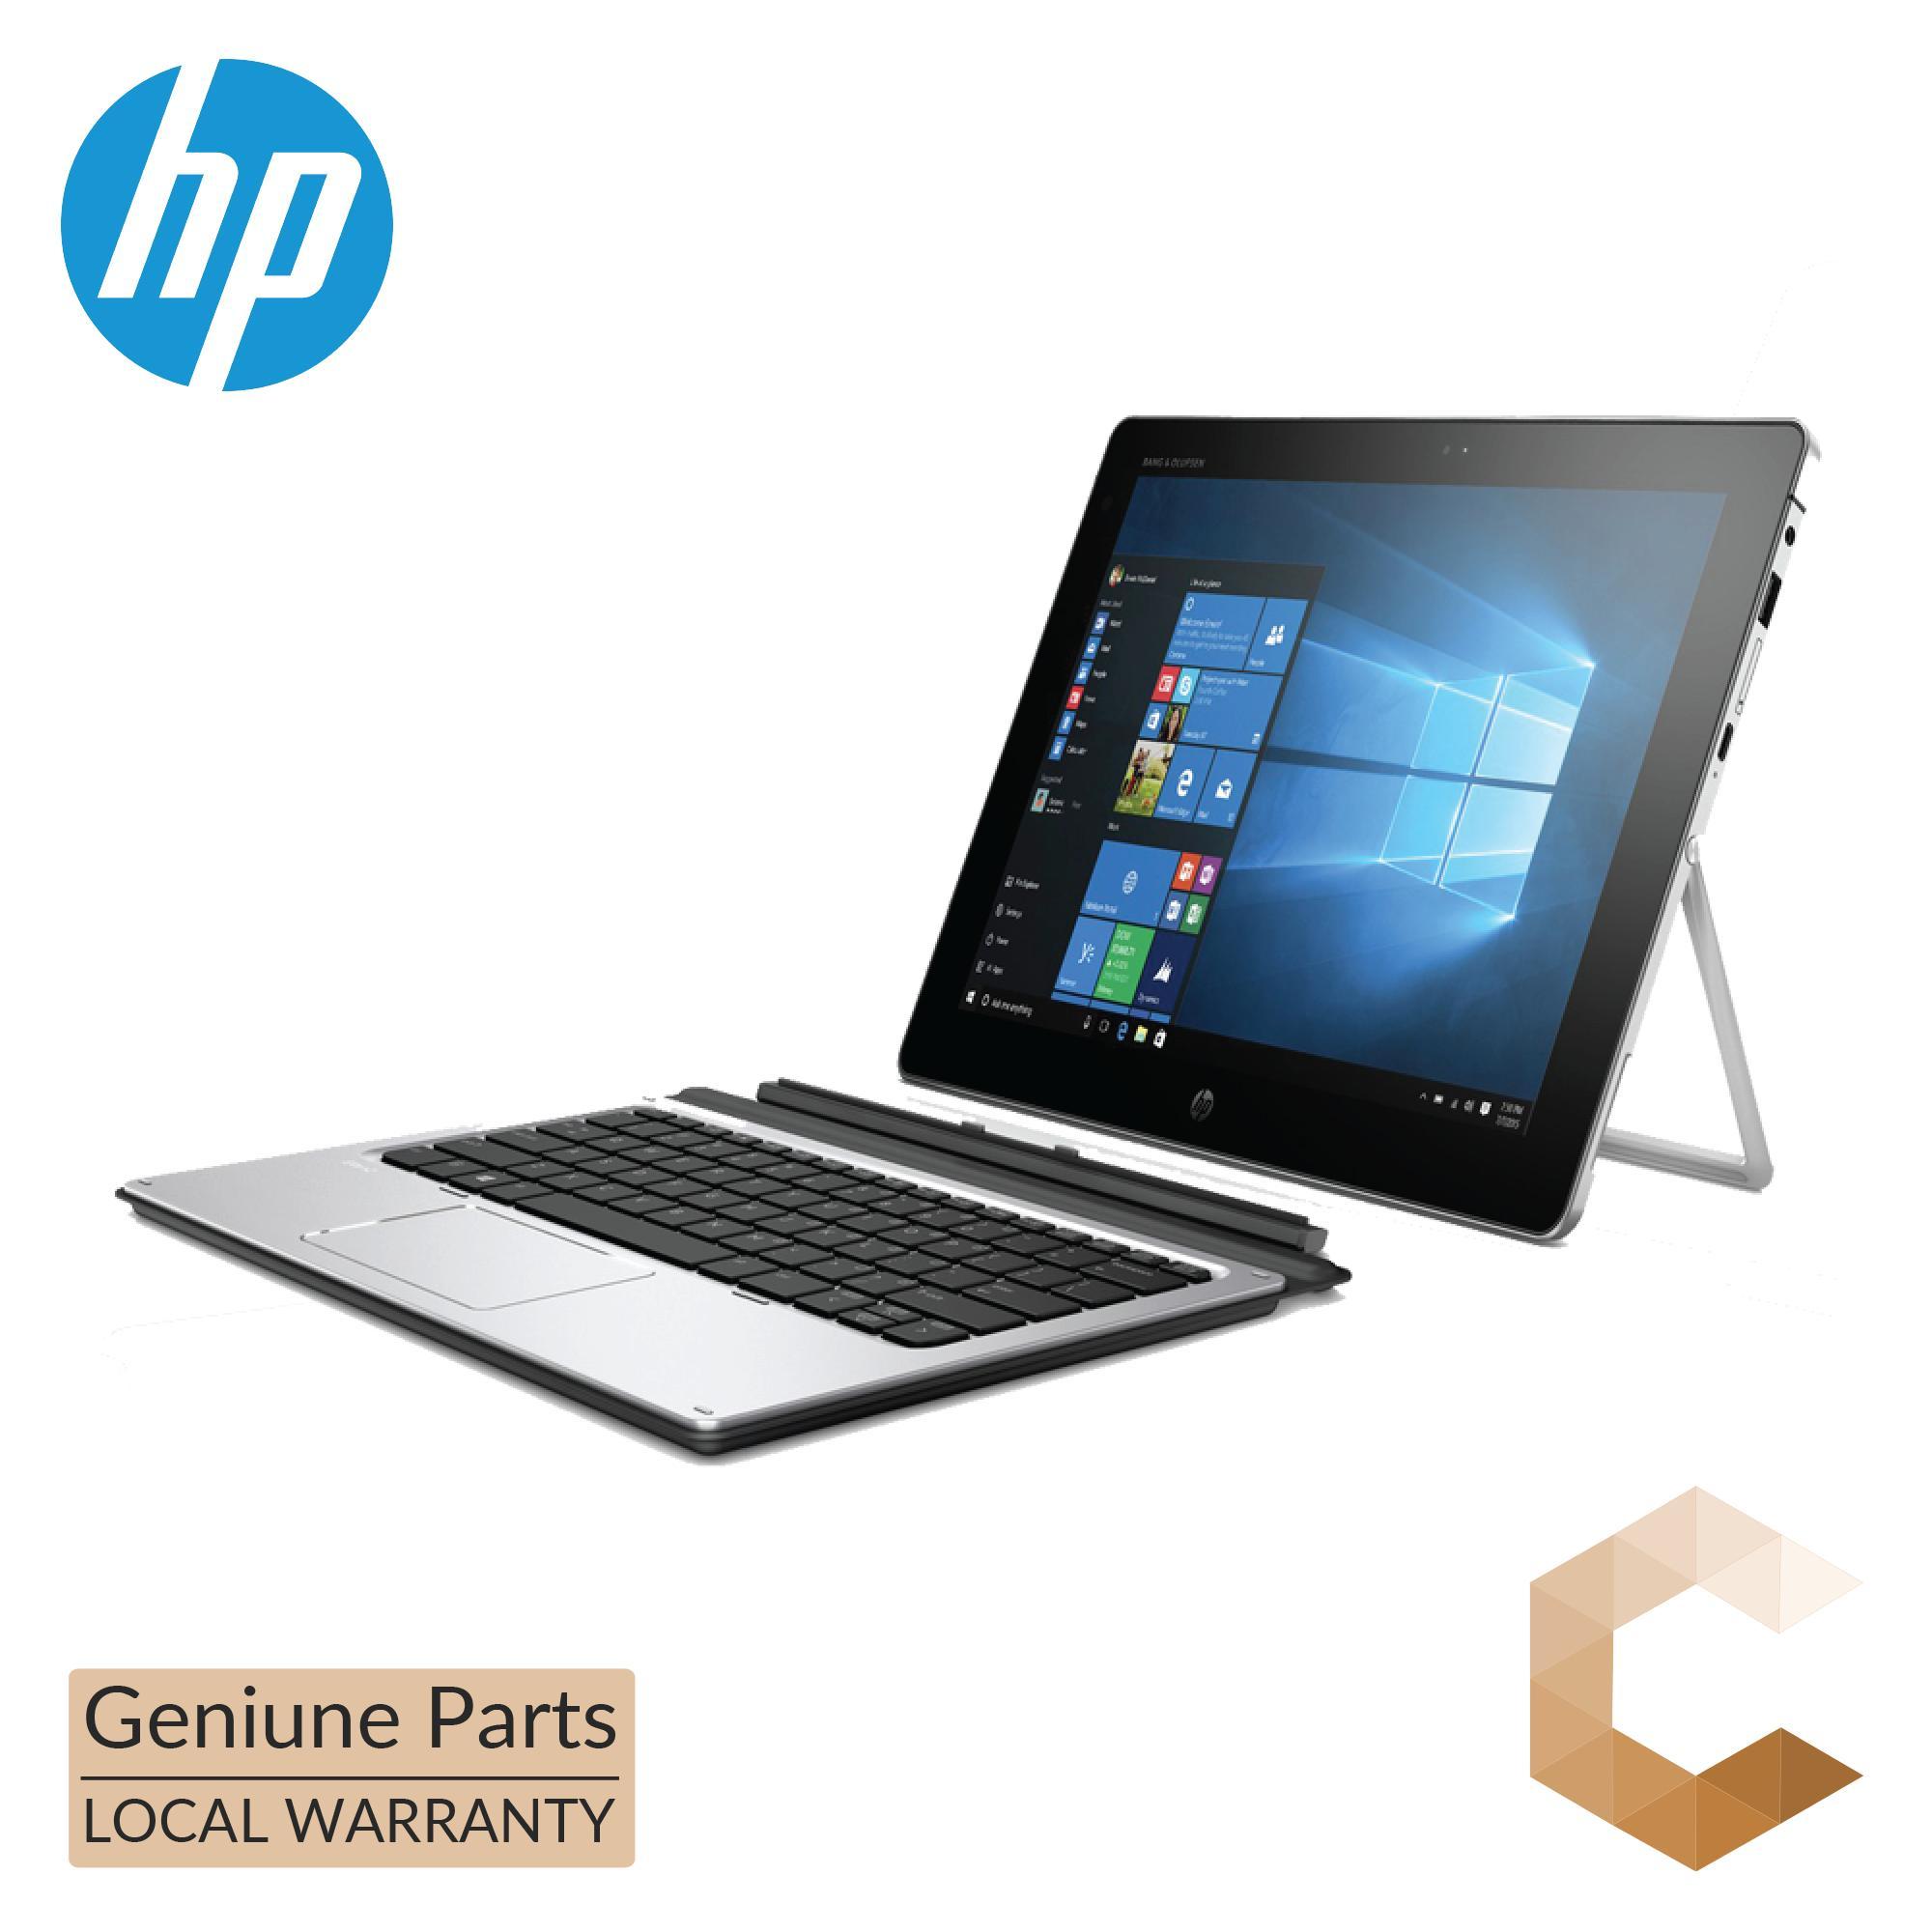 HP Elite x2 1012 G2 (1KF41AW)